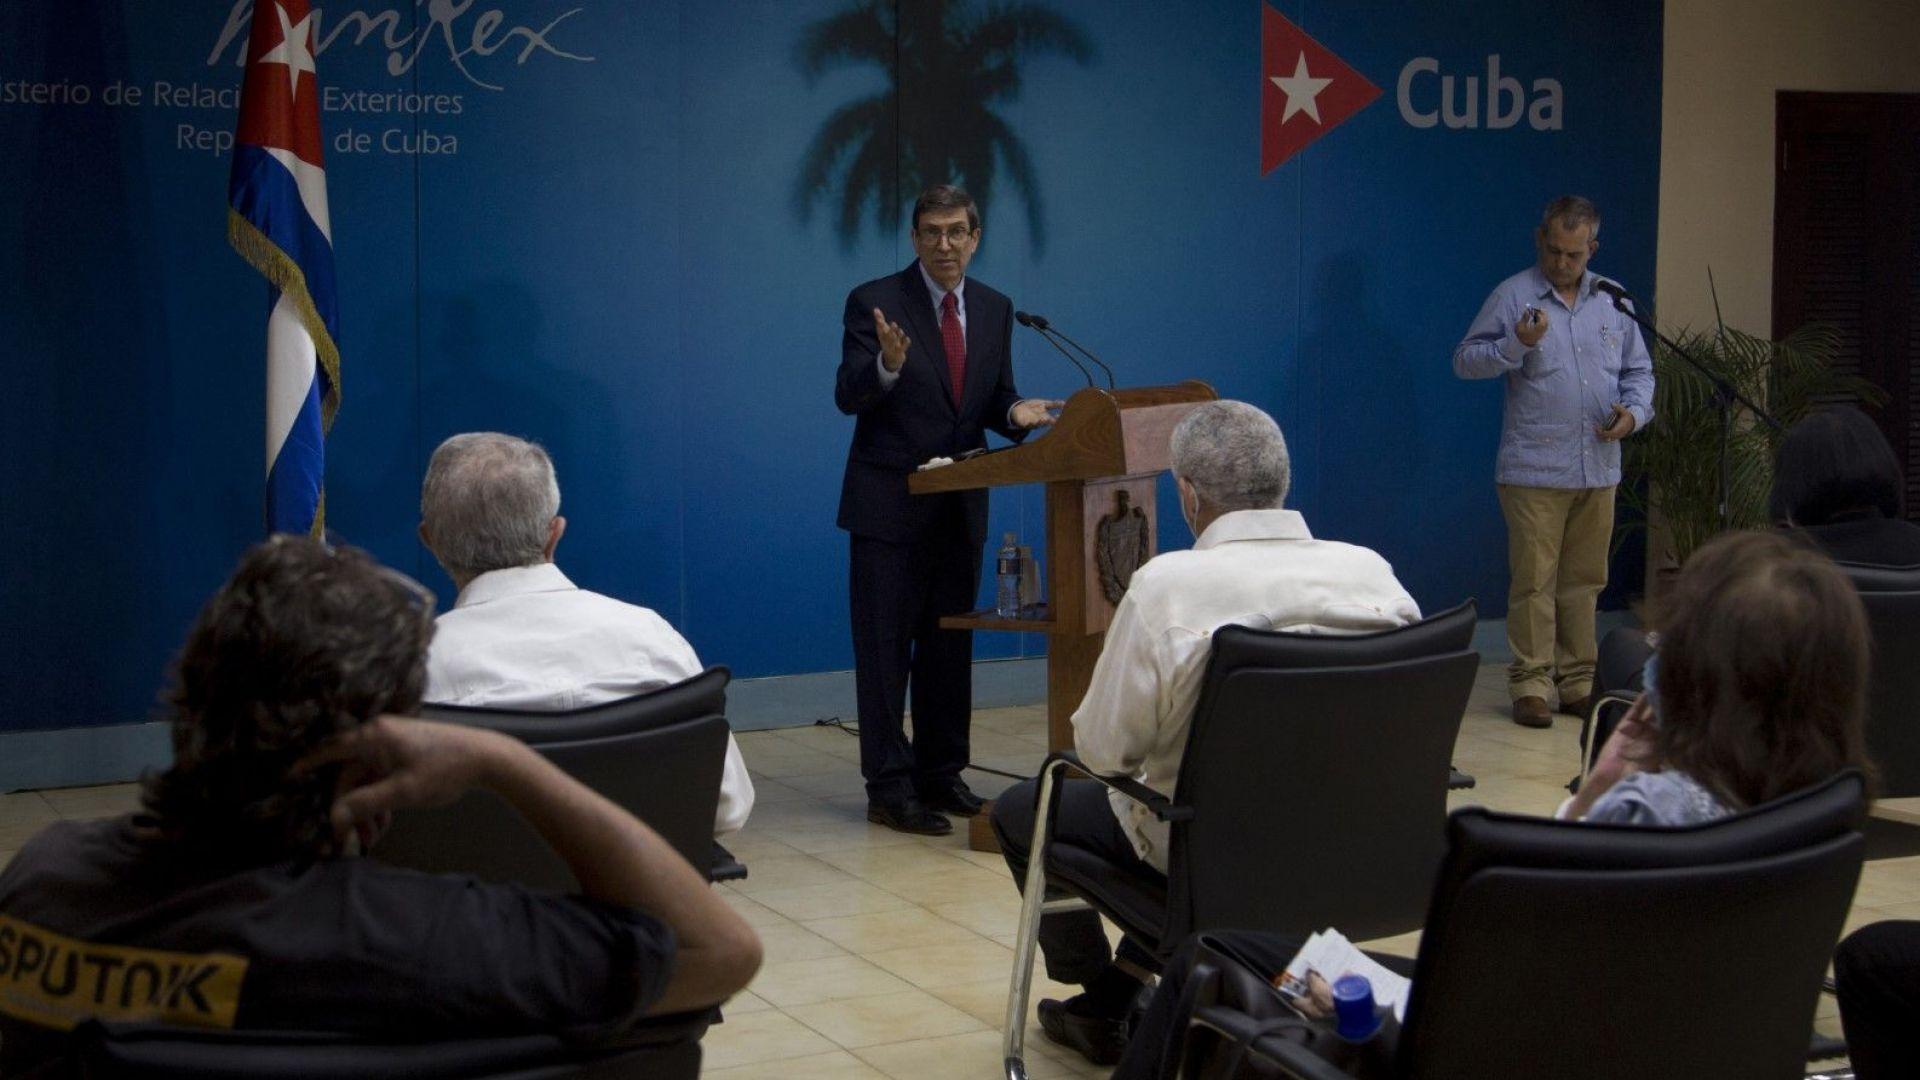 Безредици и дефицит - тест за якост за режима в Куба